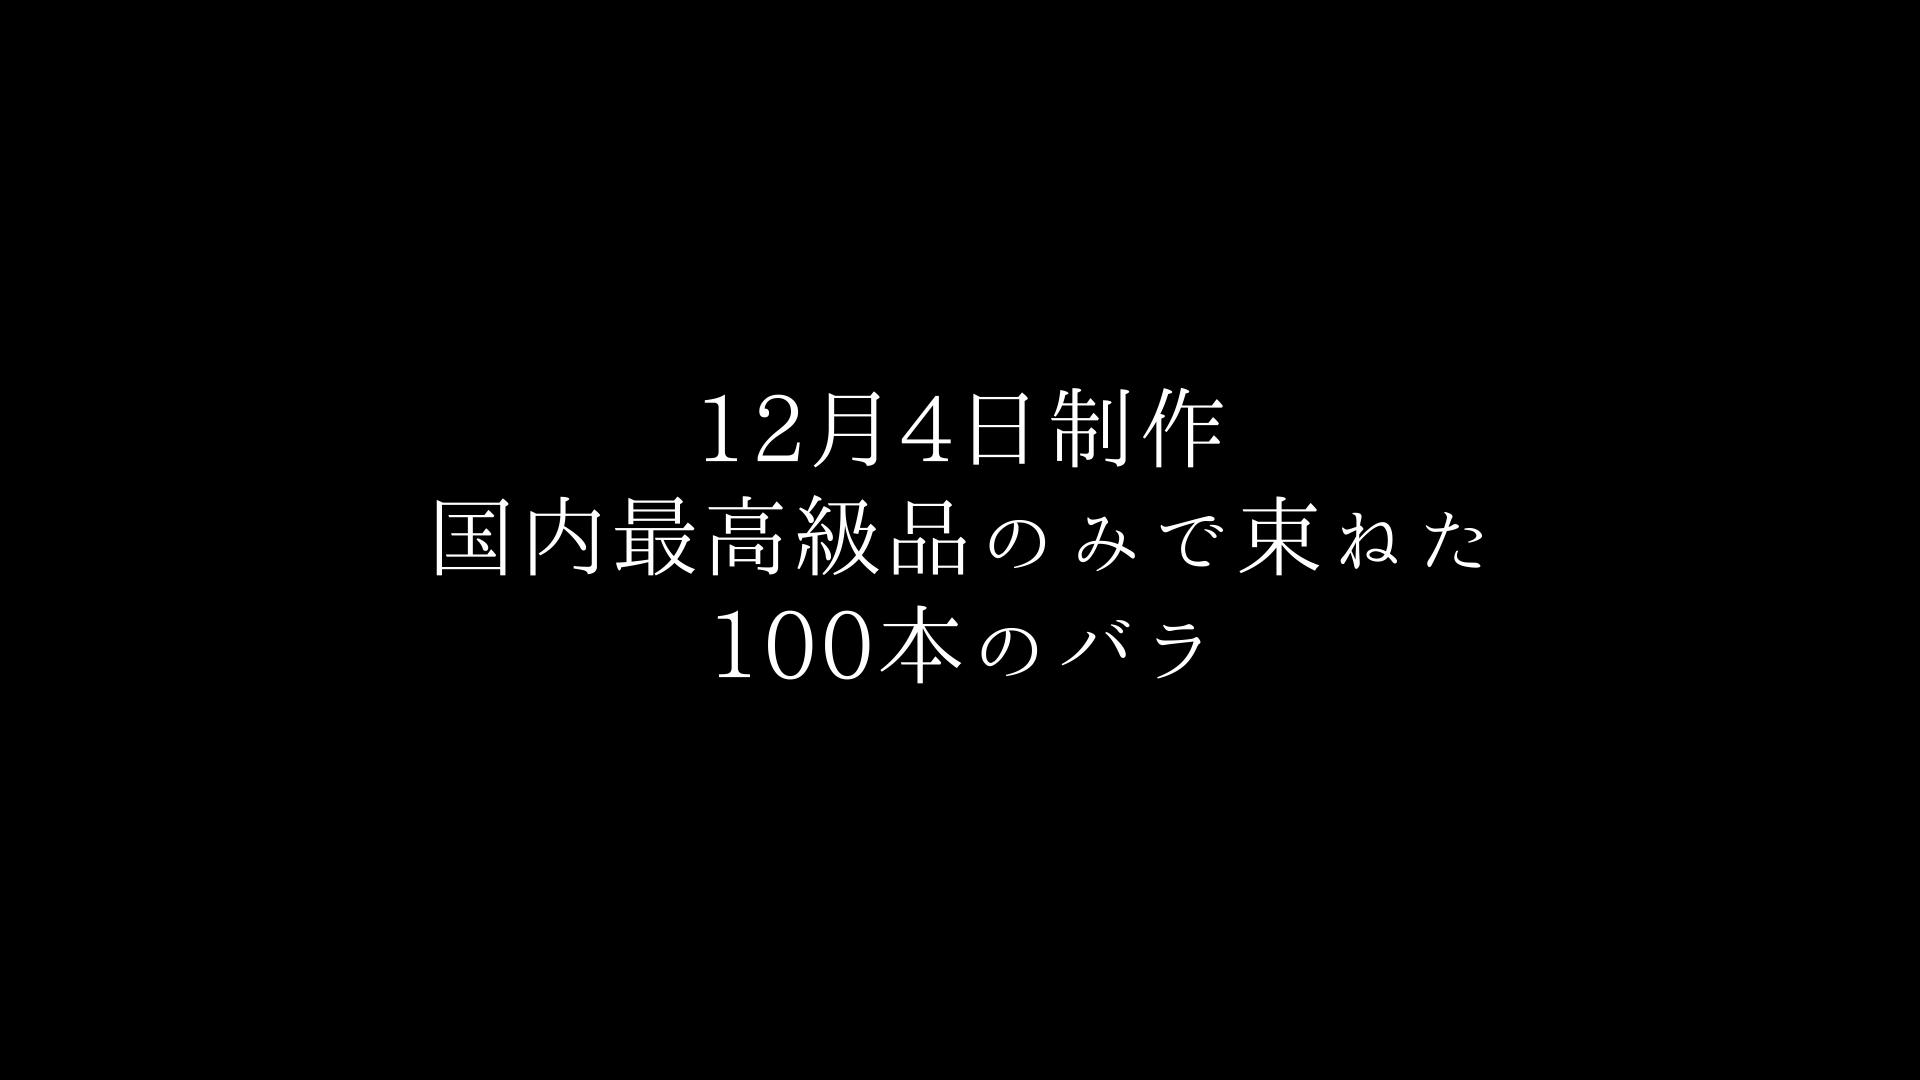 最高級バラ100本の花束制作動画 2020.12.04撮影